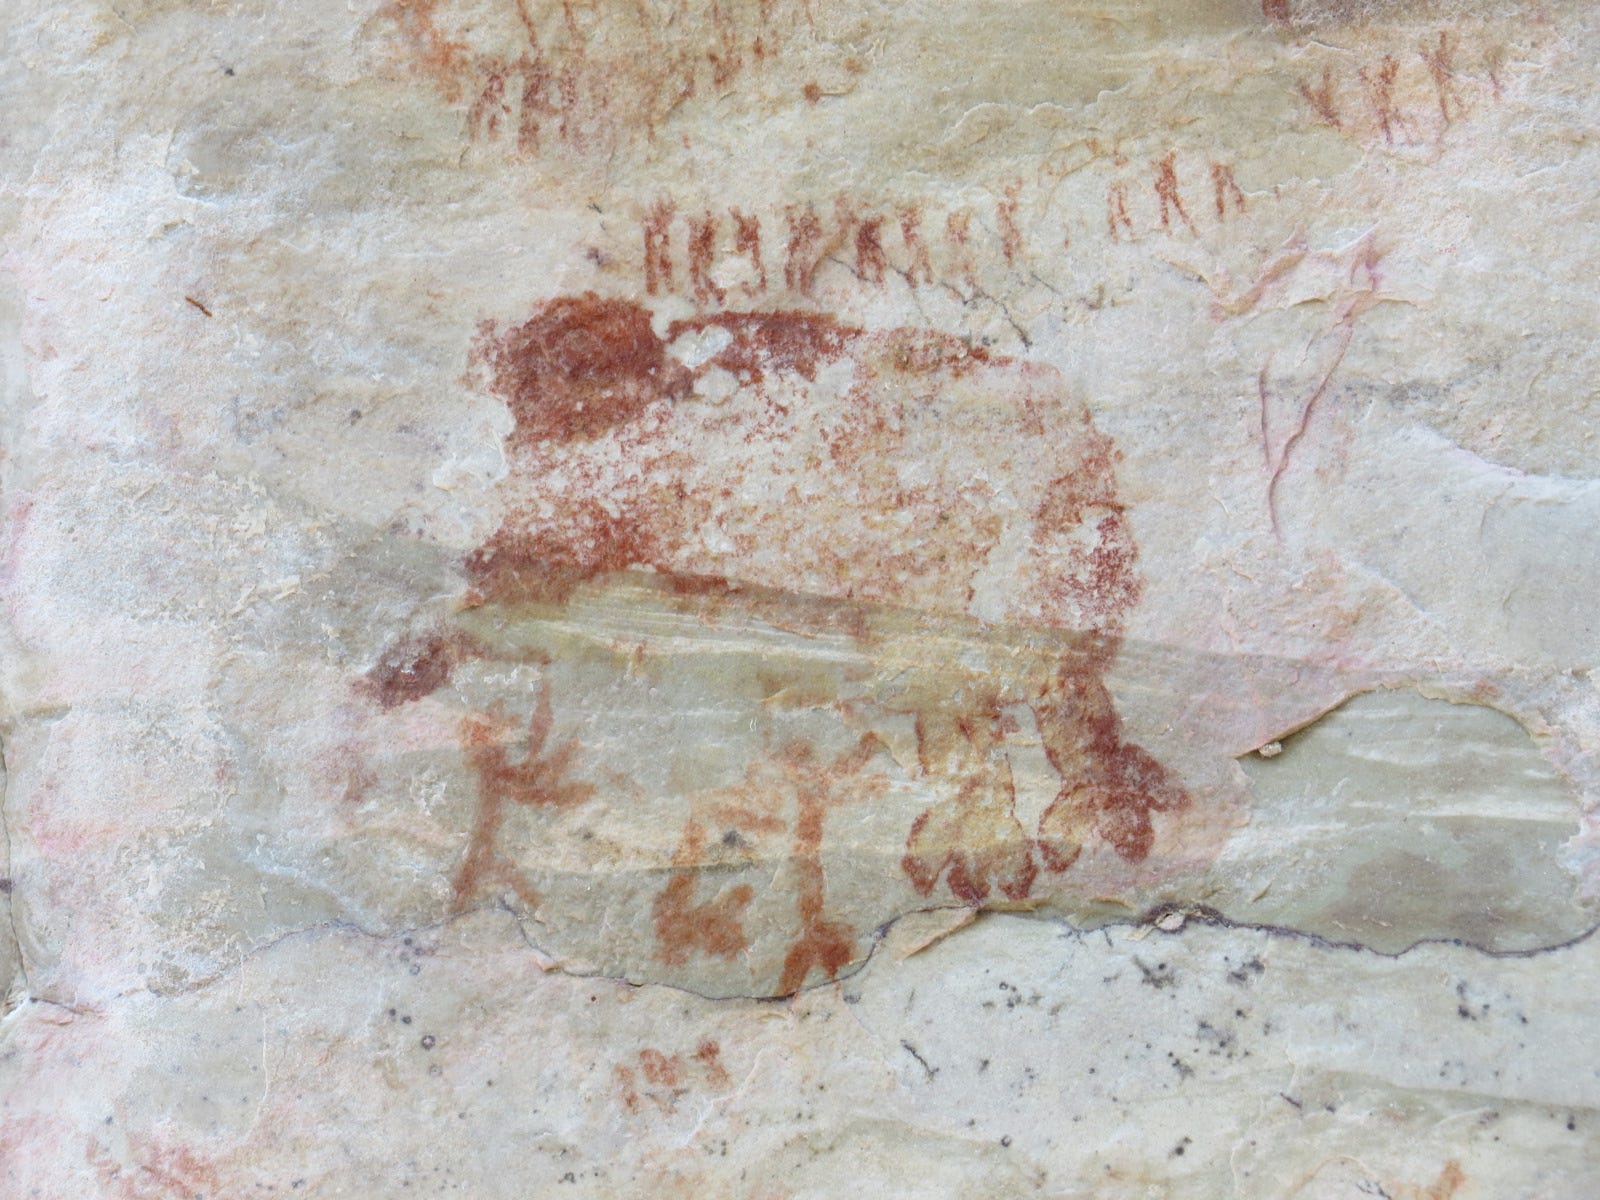 Arte rupestre é encontrada nas cavernas das profundezas da floresta Amazônia